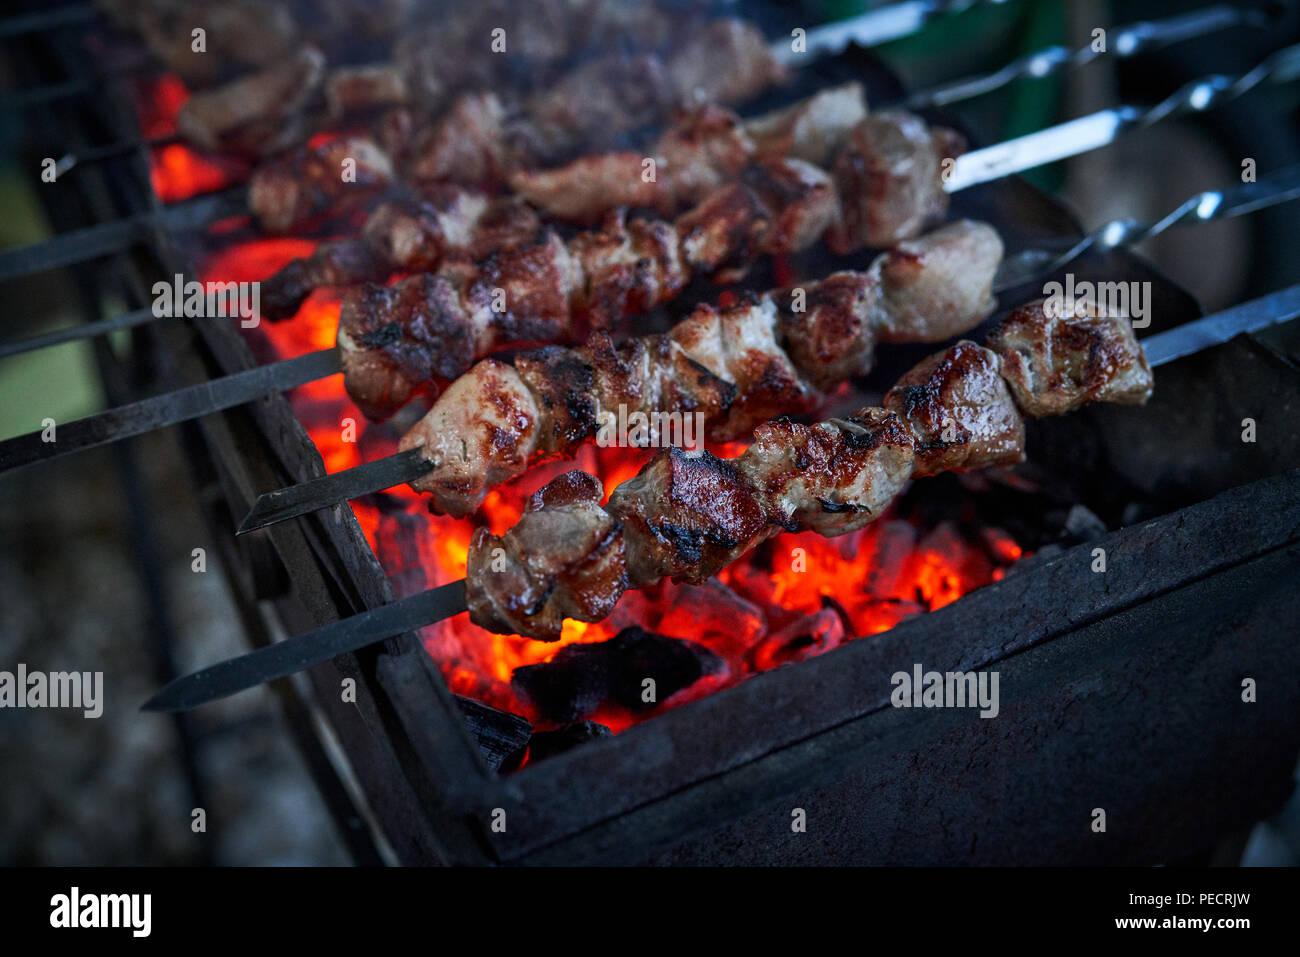 Spiedini preparazione su un grill barbecue a carbone. Pezzi di carne su spiedini. Shish kebab preparare sul fuoco. Immagini Stock